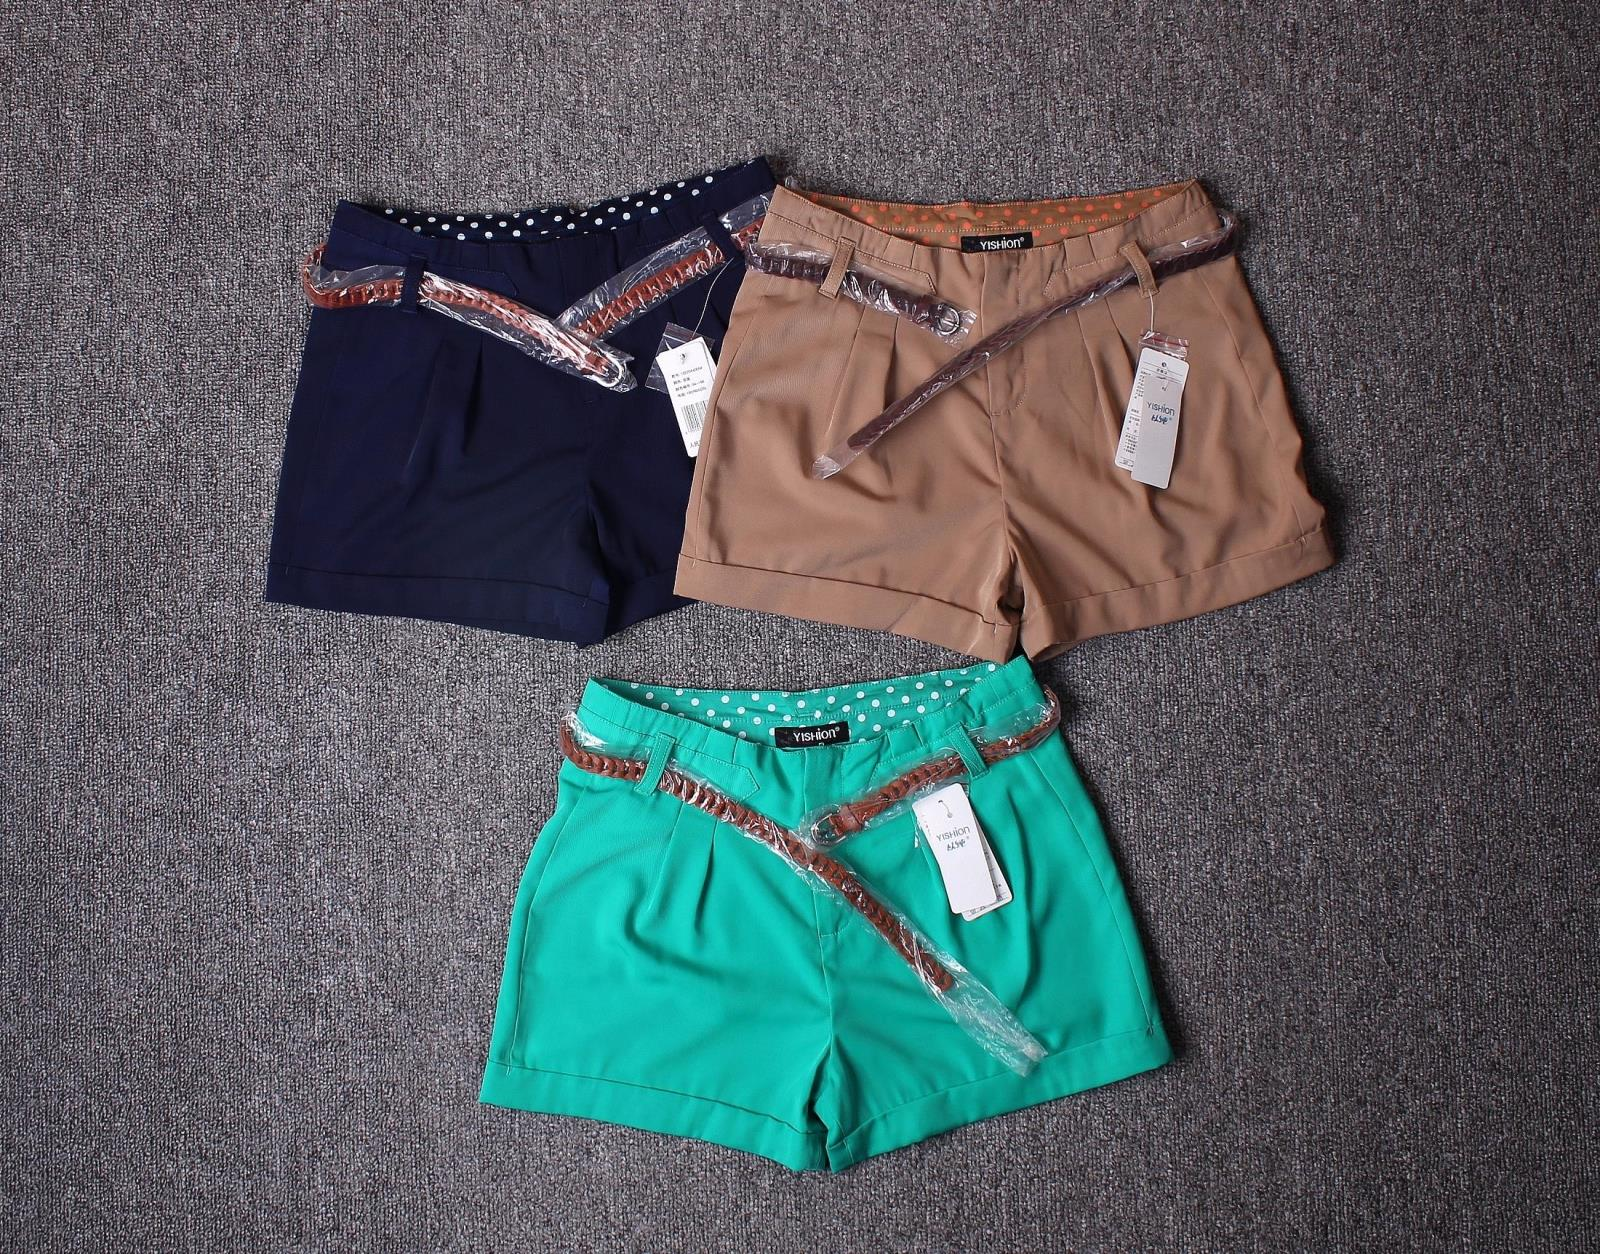 国内某服装 女生款高腰短裤热裤  配腰带   吊牌价